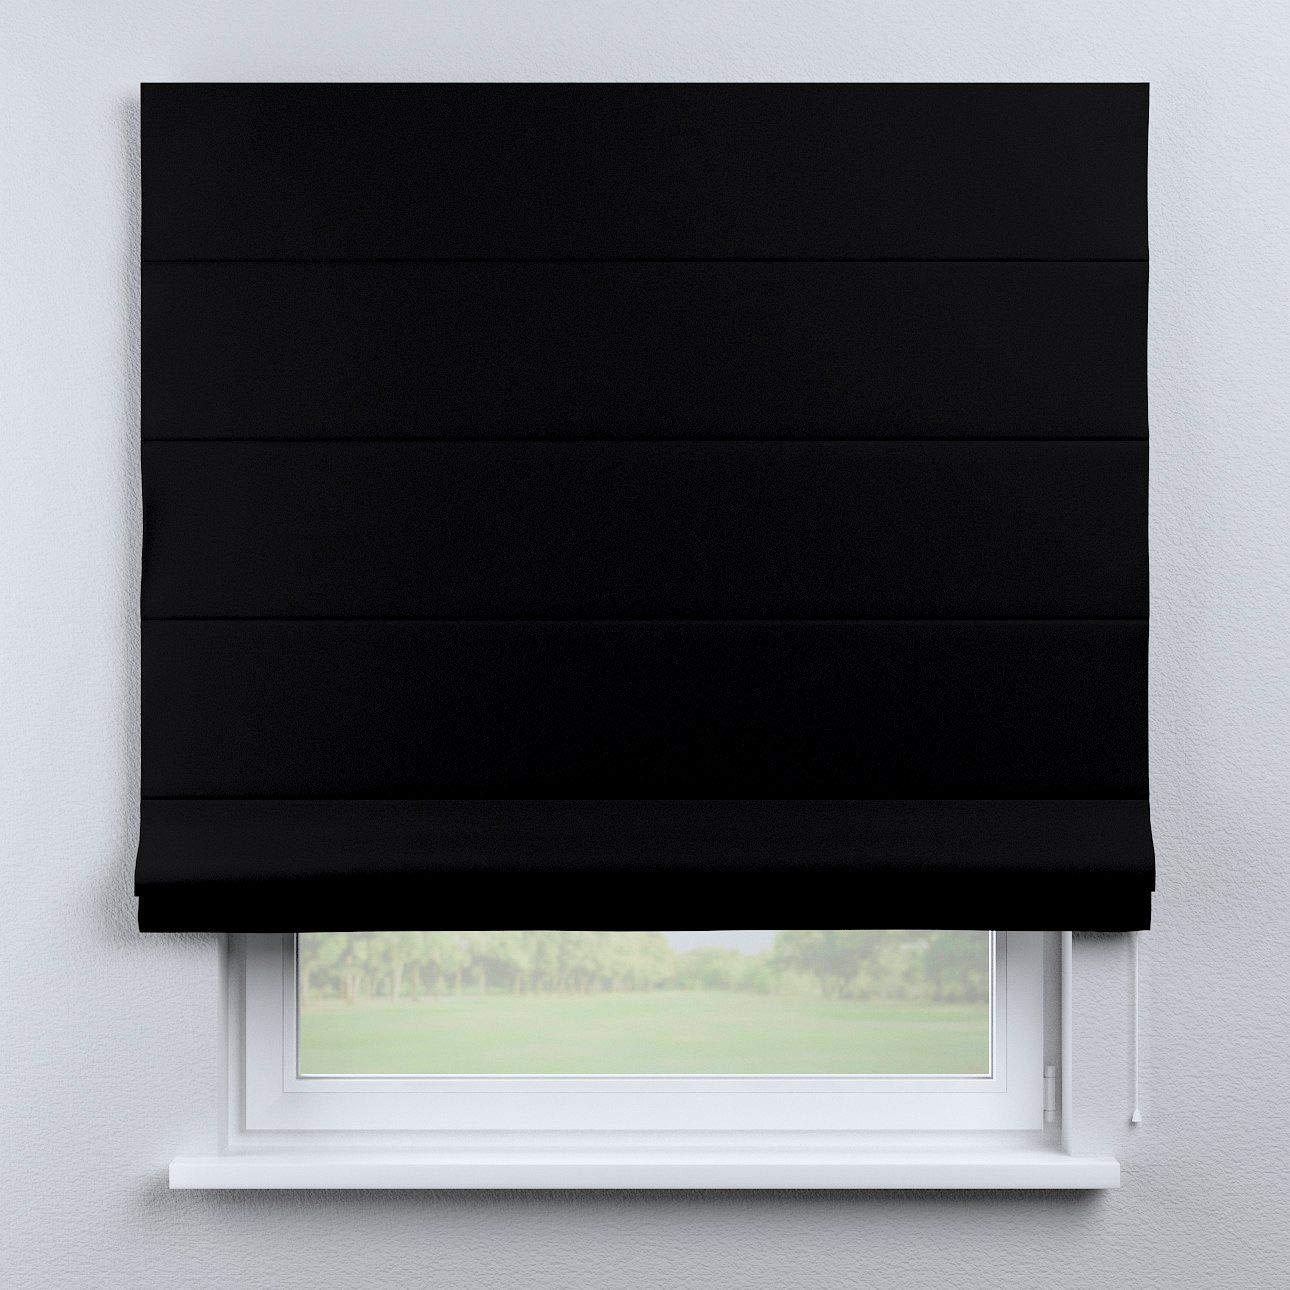 FRANC-TEXTIL 333-269-99 Verdunklungsraffrollo, schwarzout, verdunkelnd, 130 x 170 cm, schwarz